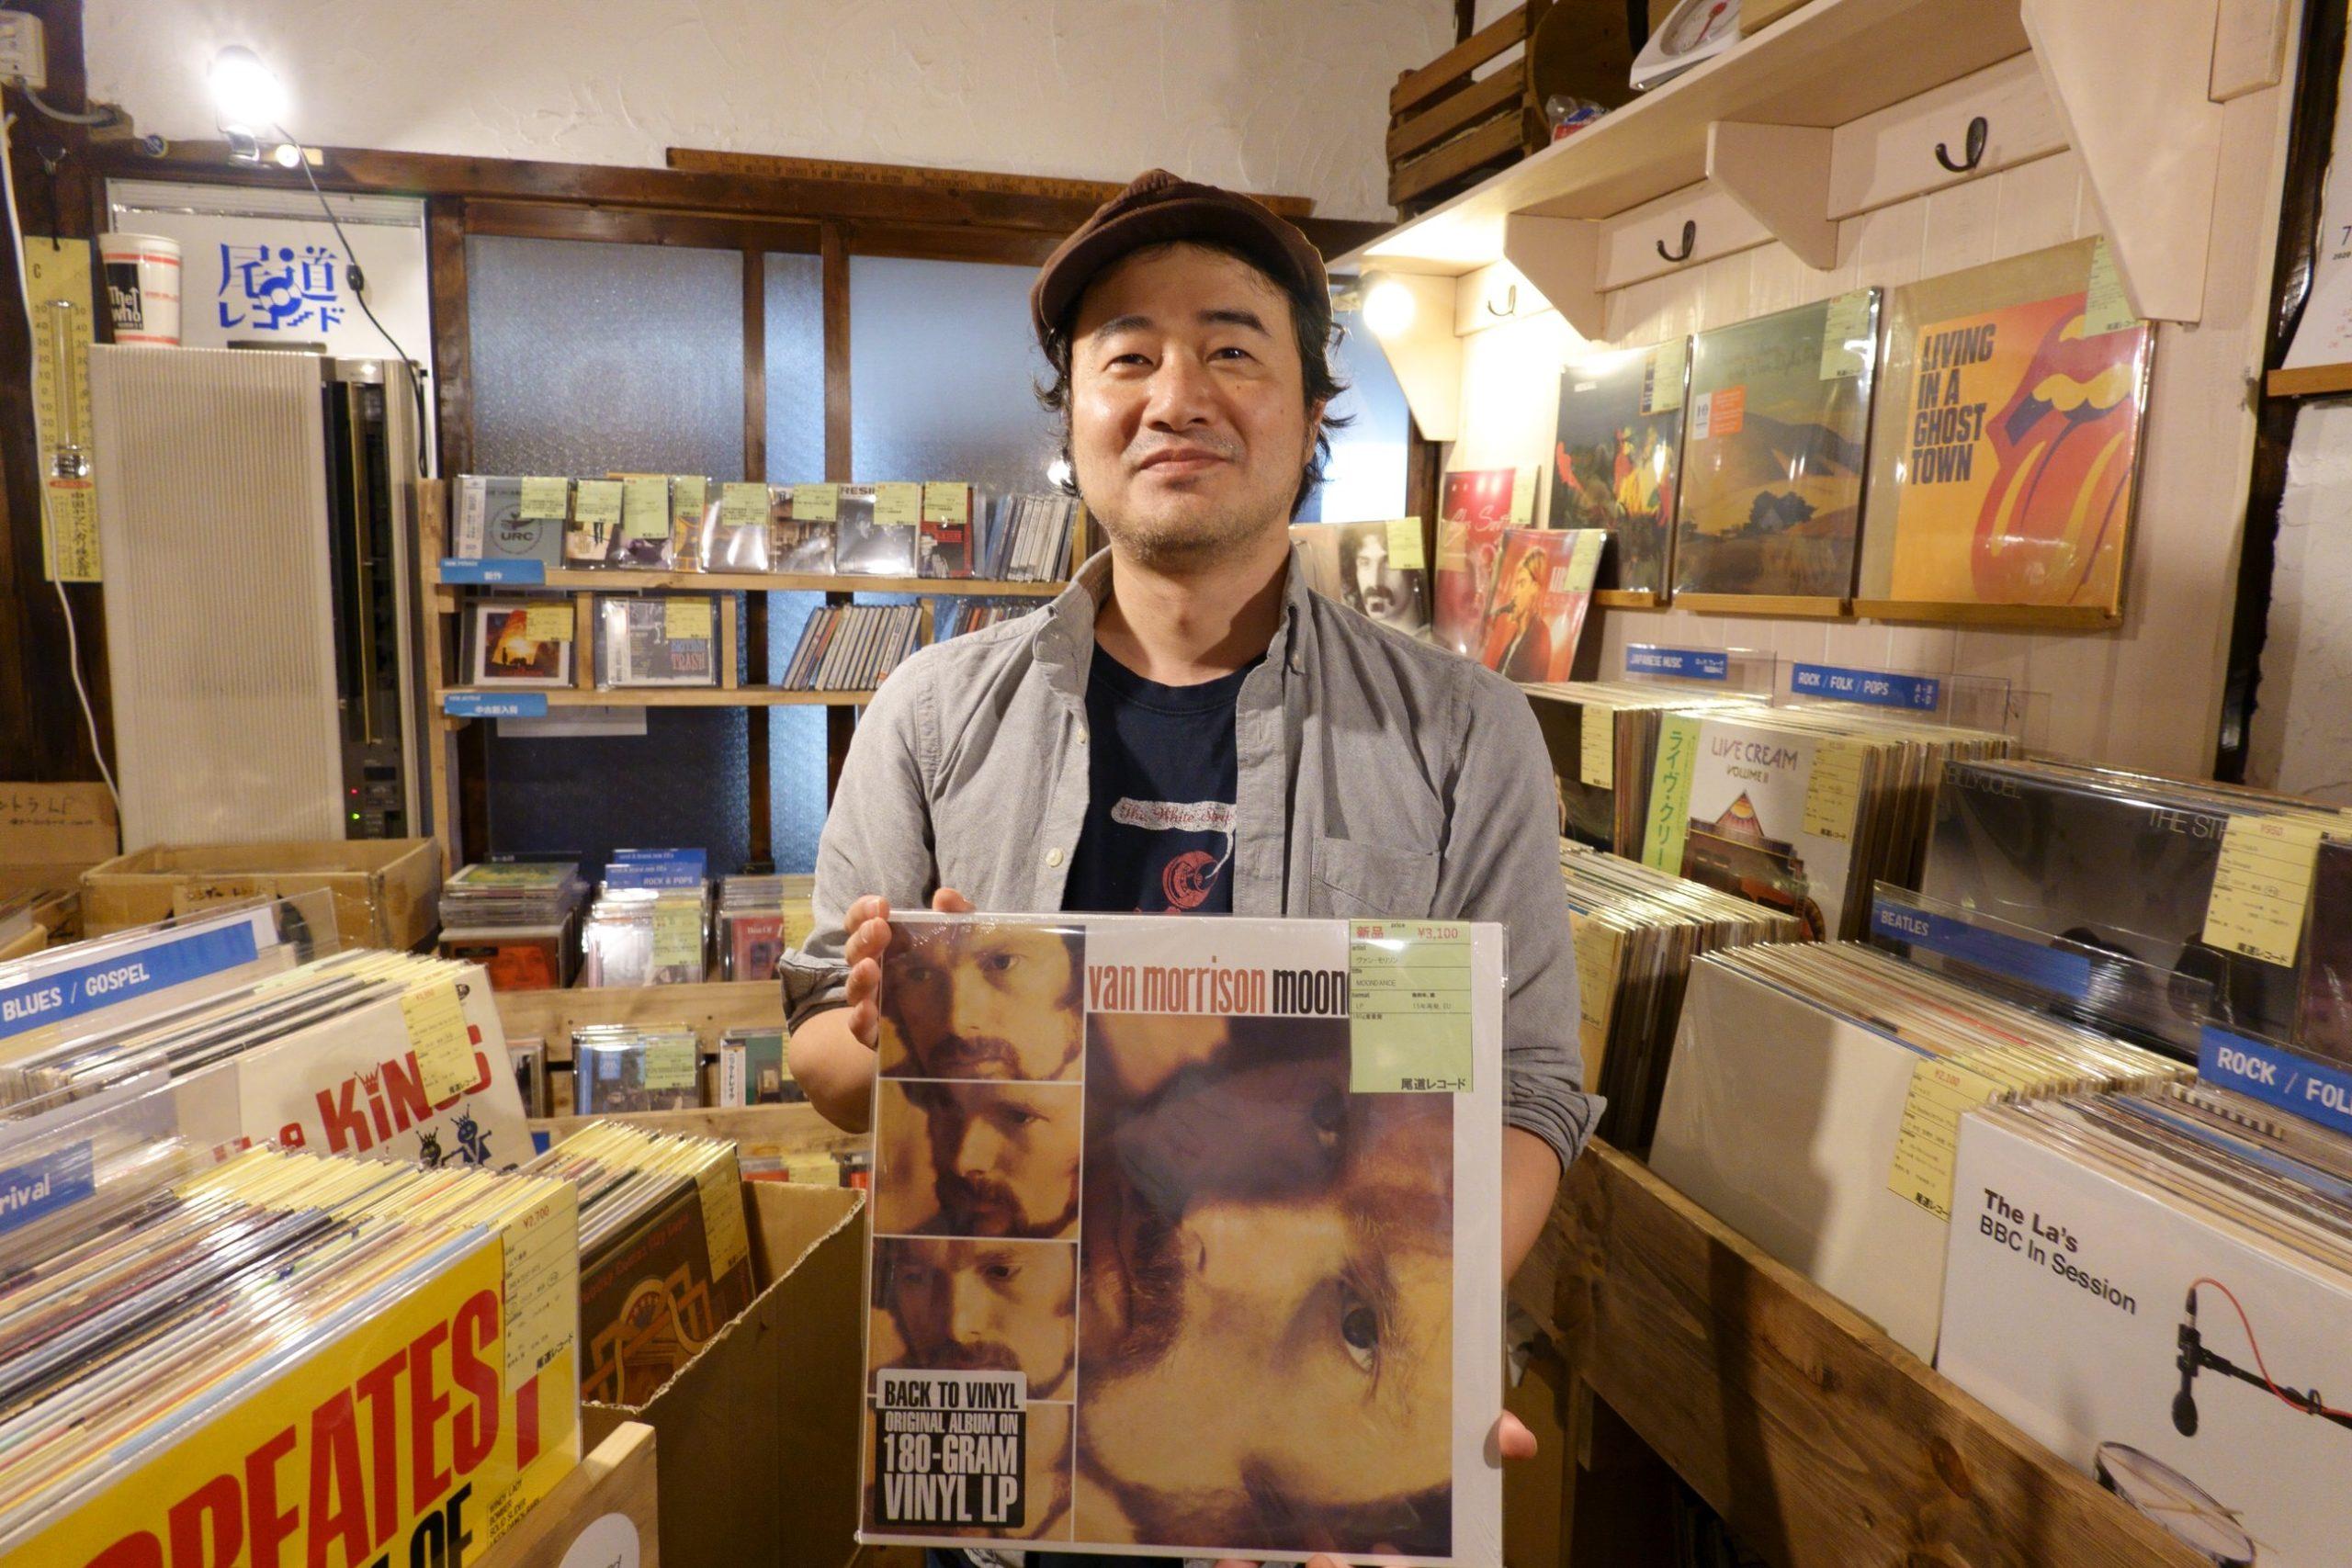 尾道レコード 〜 尾道を音楽の力で盛り上げる初心者にも優しいアナログレコード店